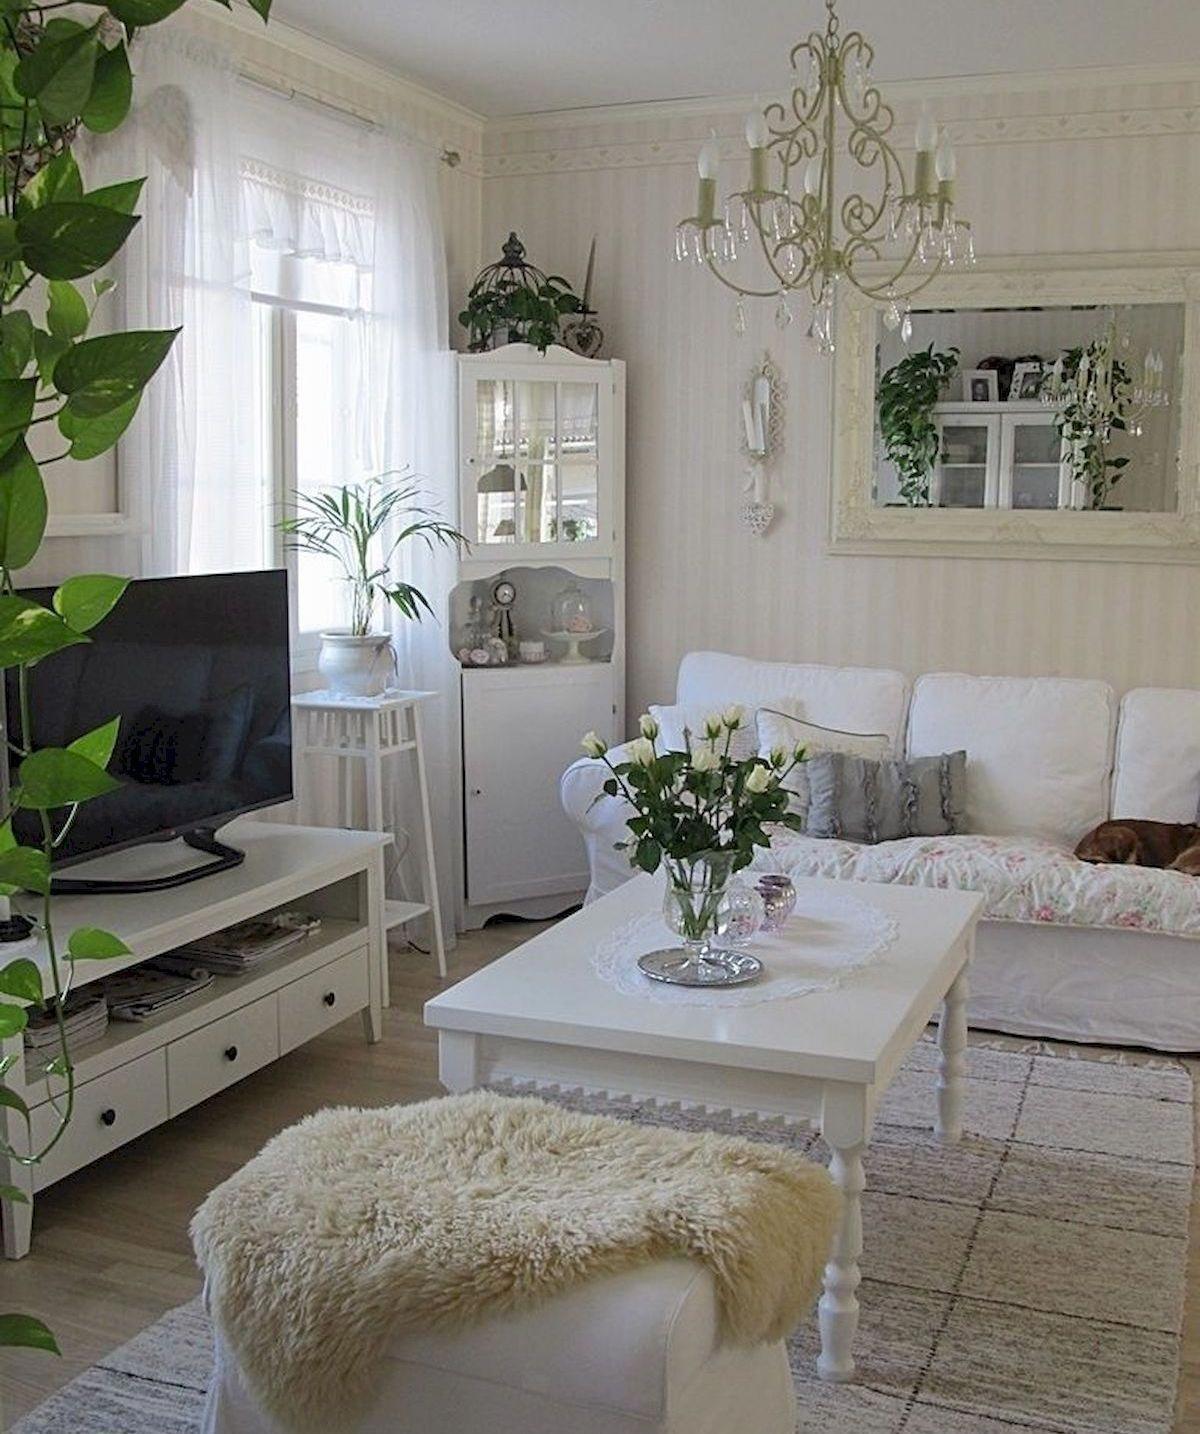 cheapest furniture places furniturecheapest code